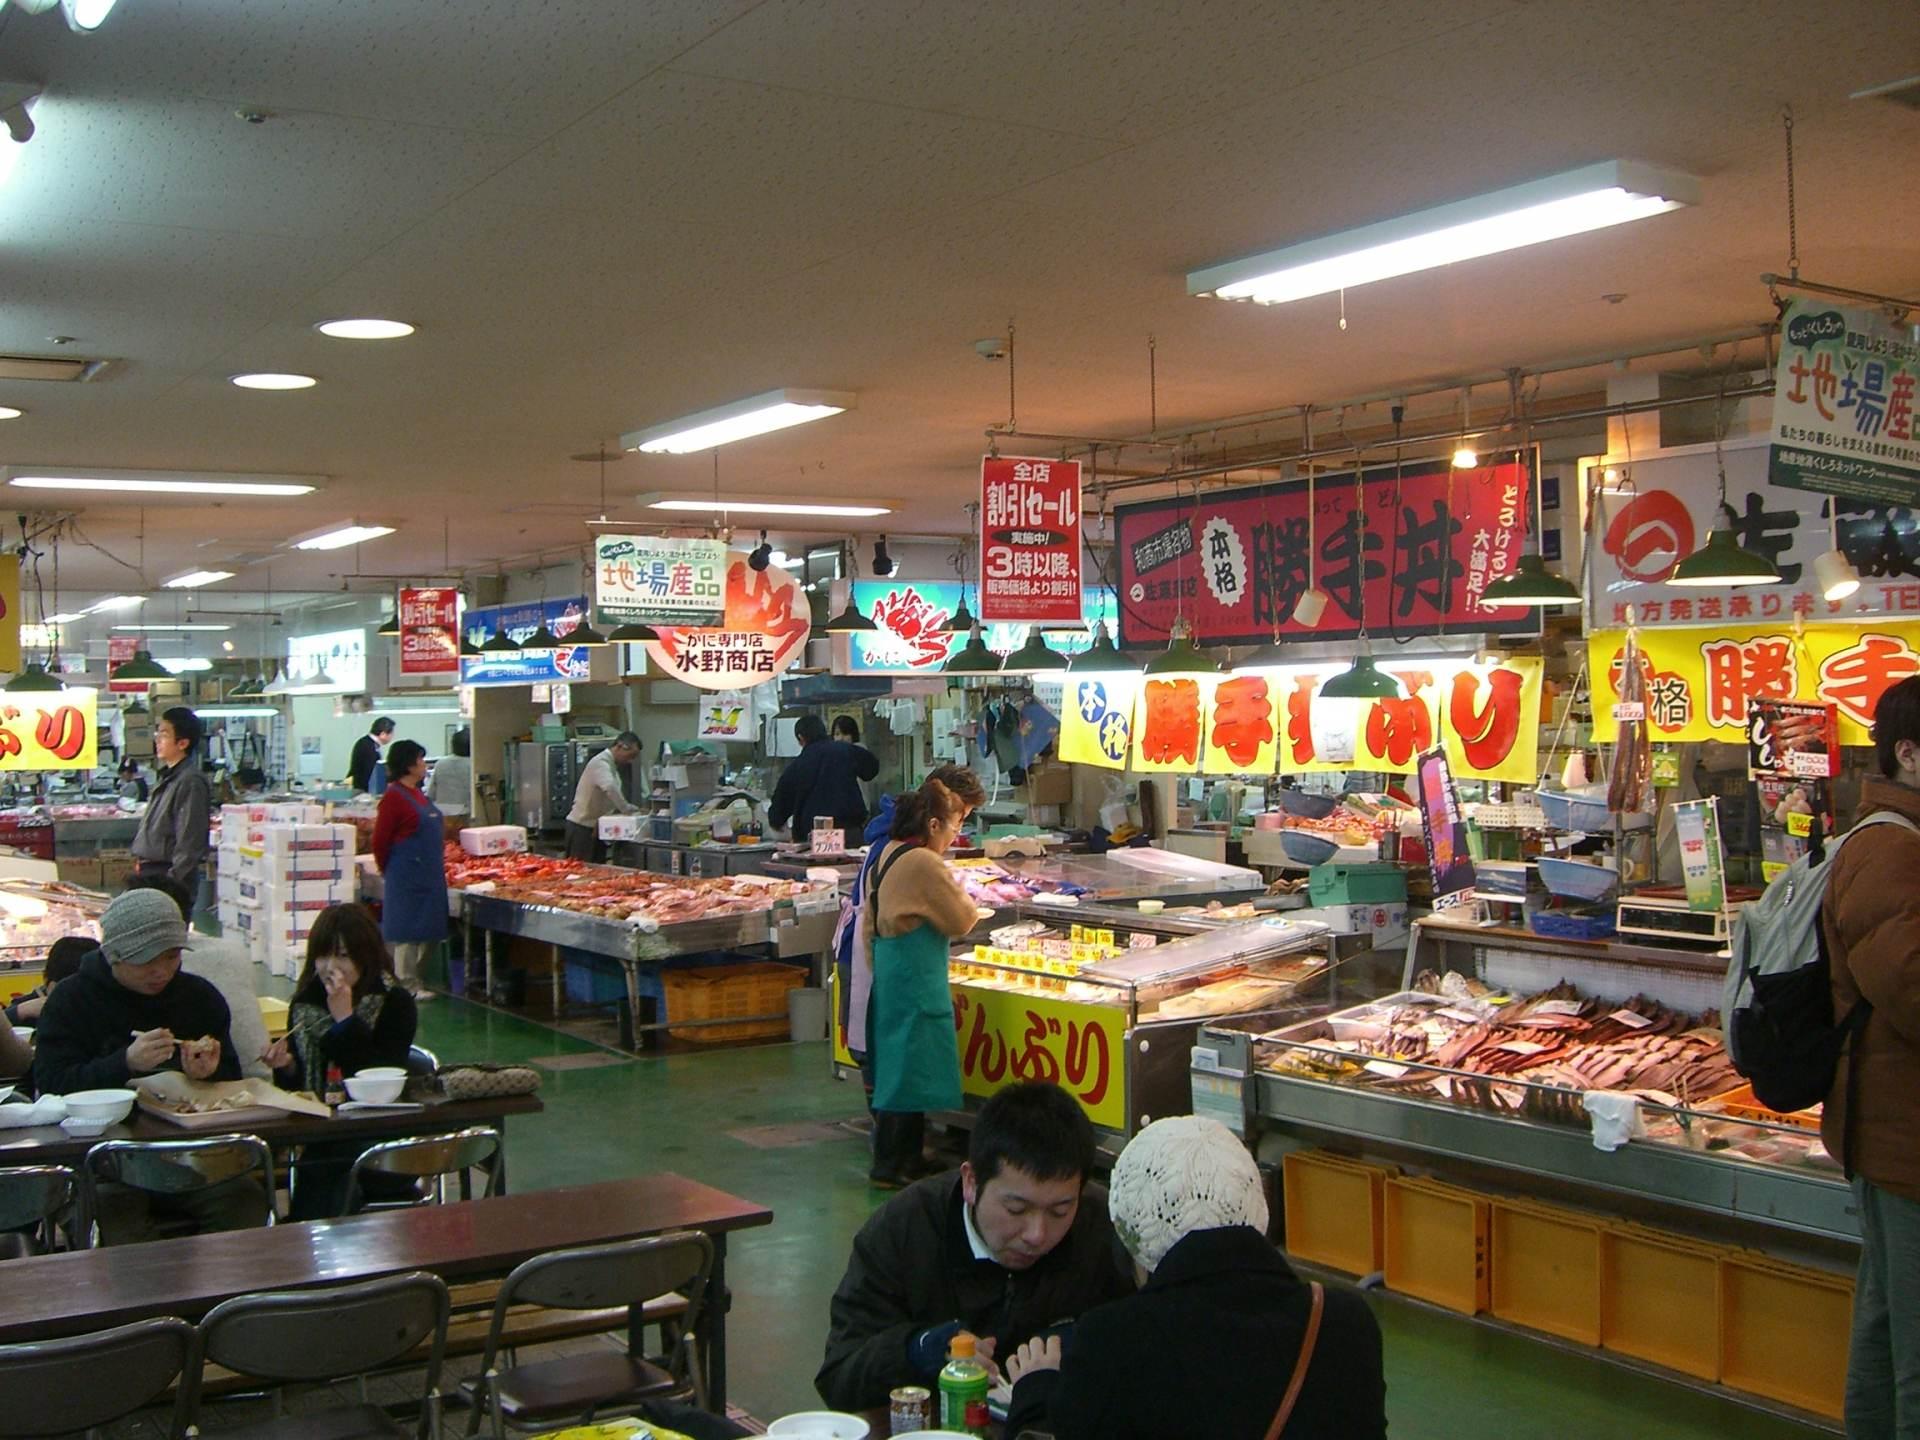 釧路市民的廚房「和商市場」